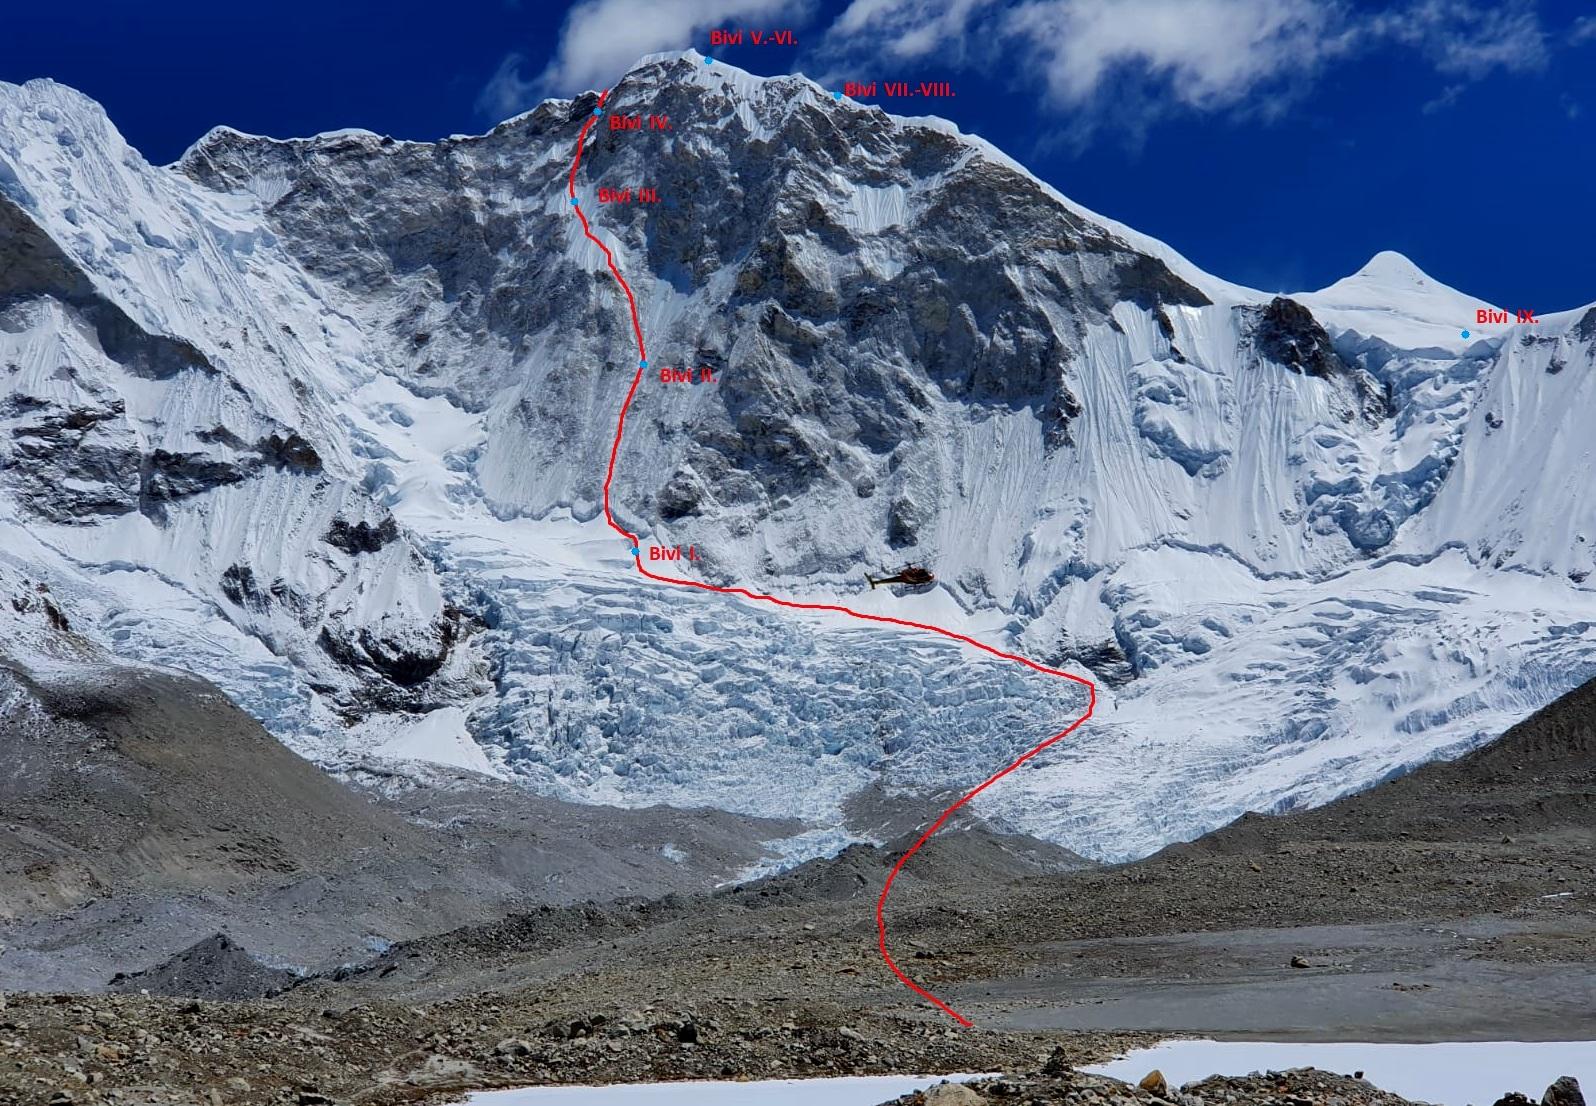 Drámai mászás: Az első nap után tudtuk, hogy nincs visszaút-11